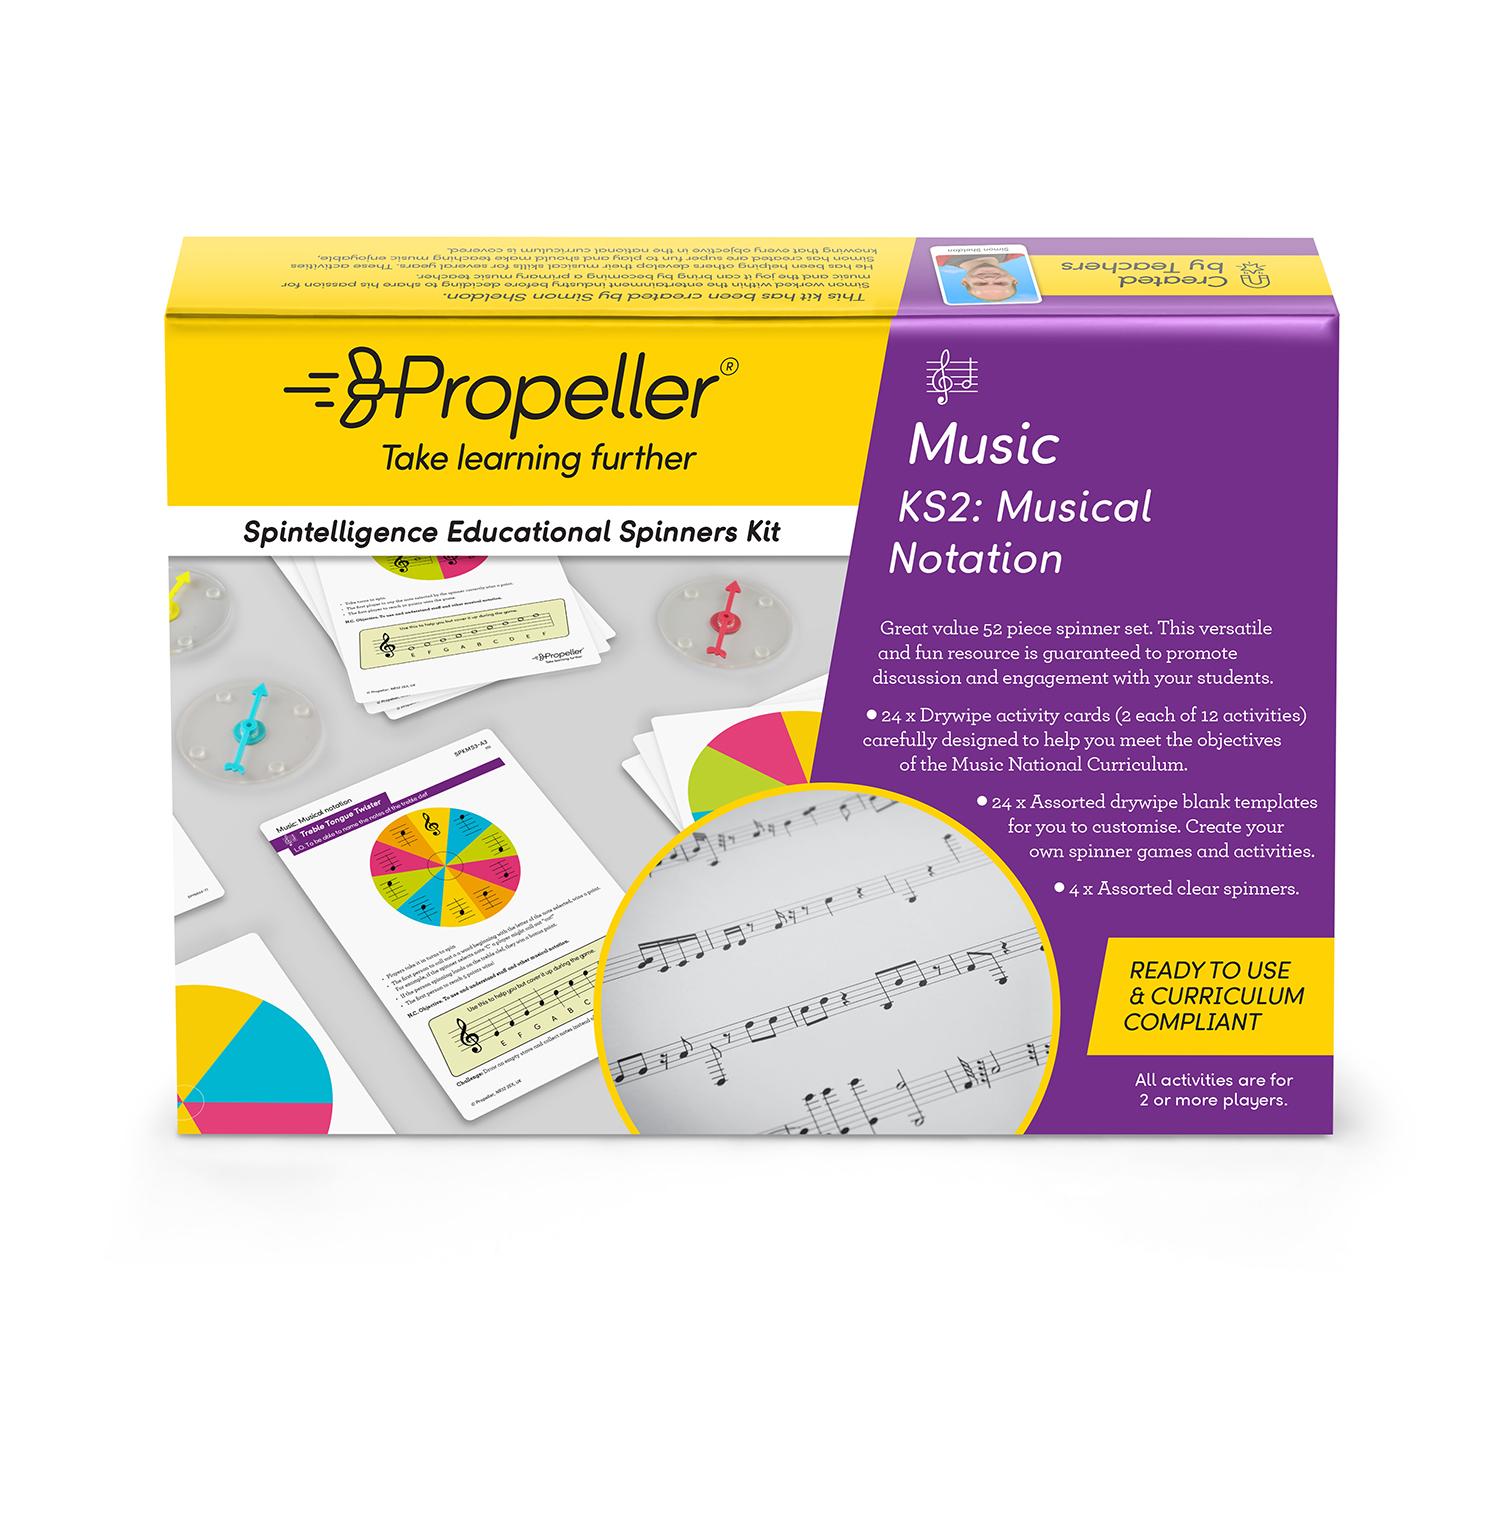 KS2 Musical Notation Spinner Kit - Propeller Education